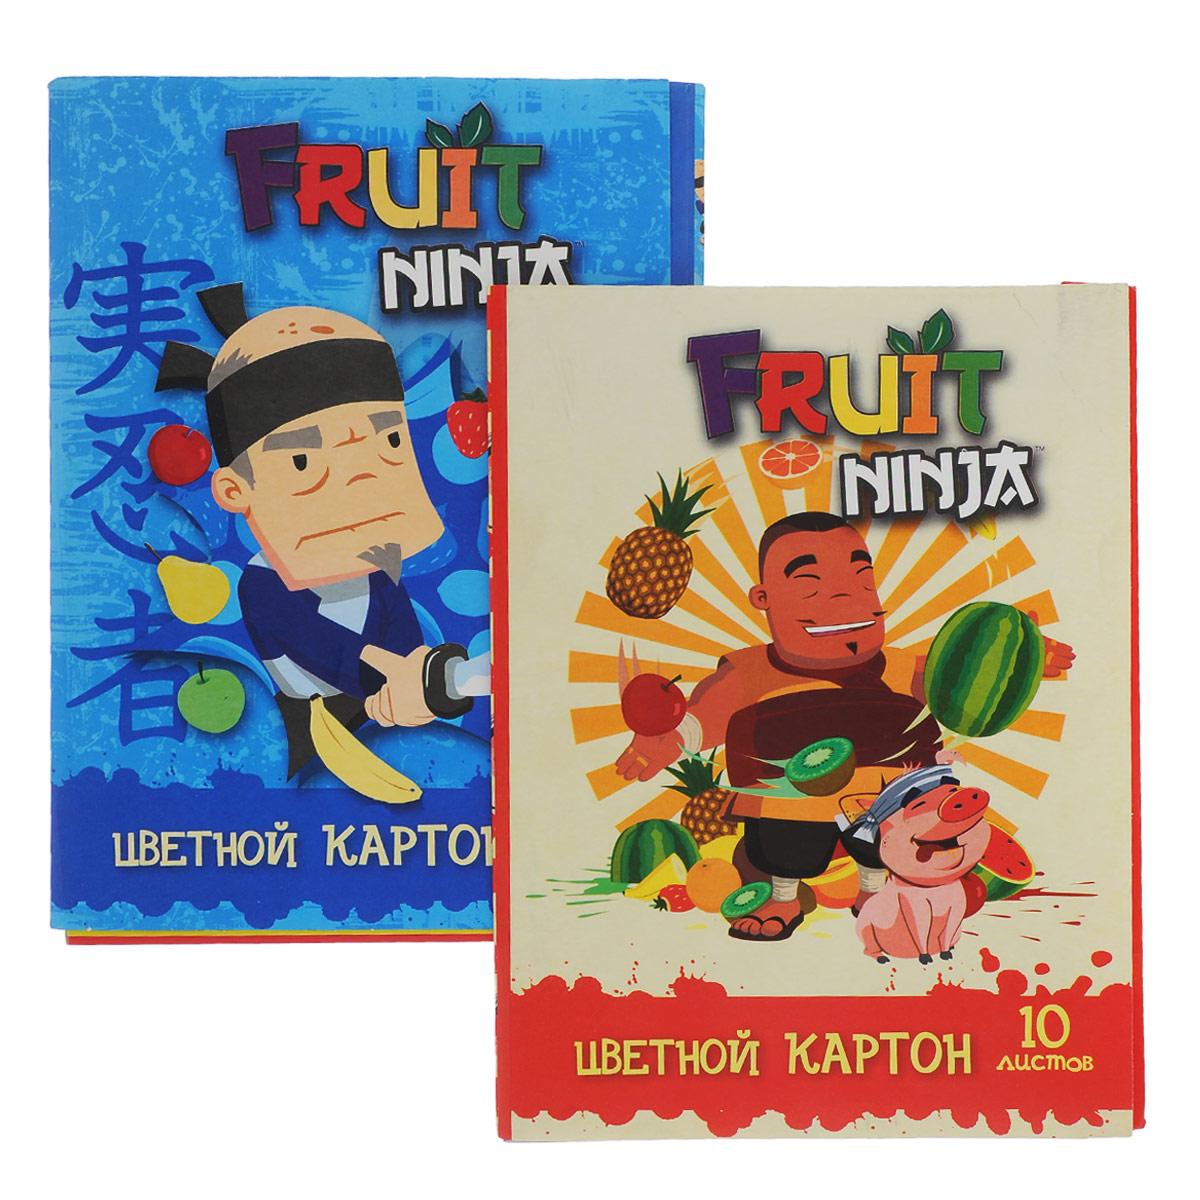 Набор цветного картона Action!: Fruit Ninja, 20 цв, формат А4 -упаковка-2дизайнаFN-CC-10/10Набор цветного картона Action!: Fruit Ninja позволит создавать всевозможныеаппликации и поделки. Набор включает 20 листов одностороннего цветногокартона формата А4. Цвета: желтый, красный, золотистый, серебристый, синий,коричневый, белый, оранжевый, зеленый, черный. Создание поделок из цветного картона позволяет ребенку развивать творческиеспособности, кроме того, это увлекательный досуг. Набор упакован в картонную папку с изображением Fruit Ninja. УВАЖАЕМЫЕ КЛИЕНТЫ!Обращаем ваше внимание на возможные изменения в дизайне, связанные сассортиментом продукции: обложки альбомов могут отличаться отпредставленных на изображениях. Поставка осуществляется в зависимостиот наличия на складе.